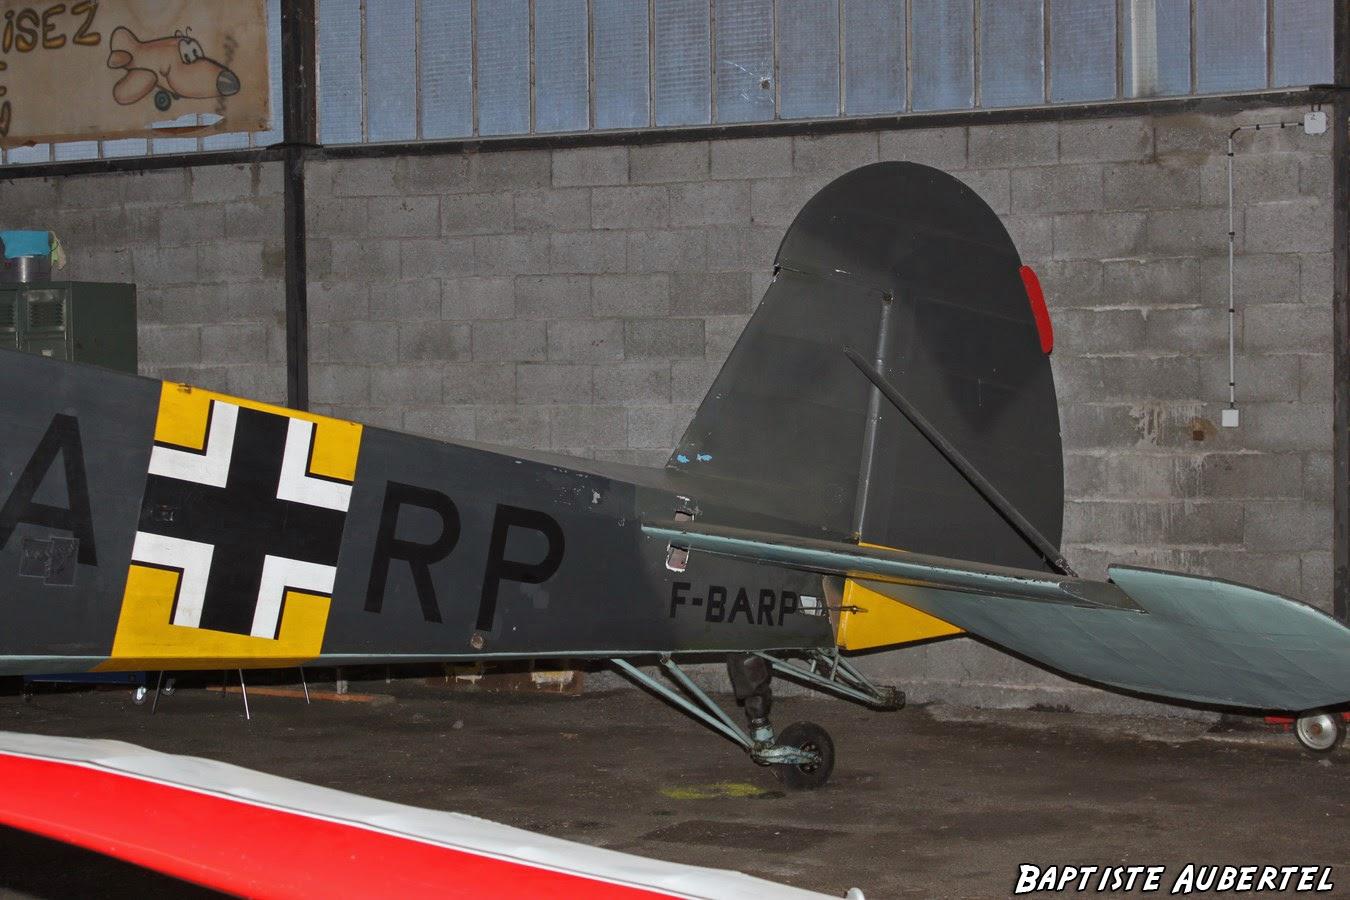 Aérodrome de Montbéliard LFSM